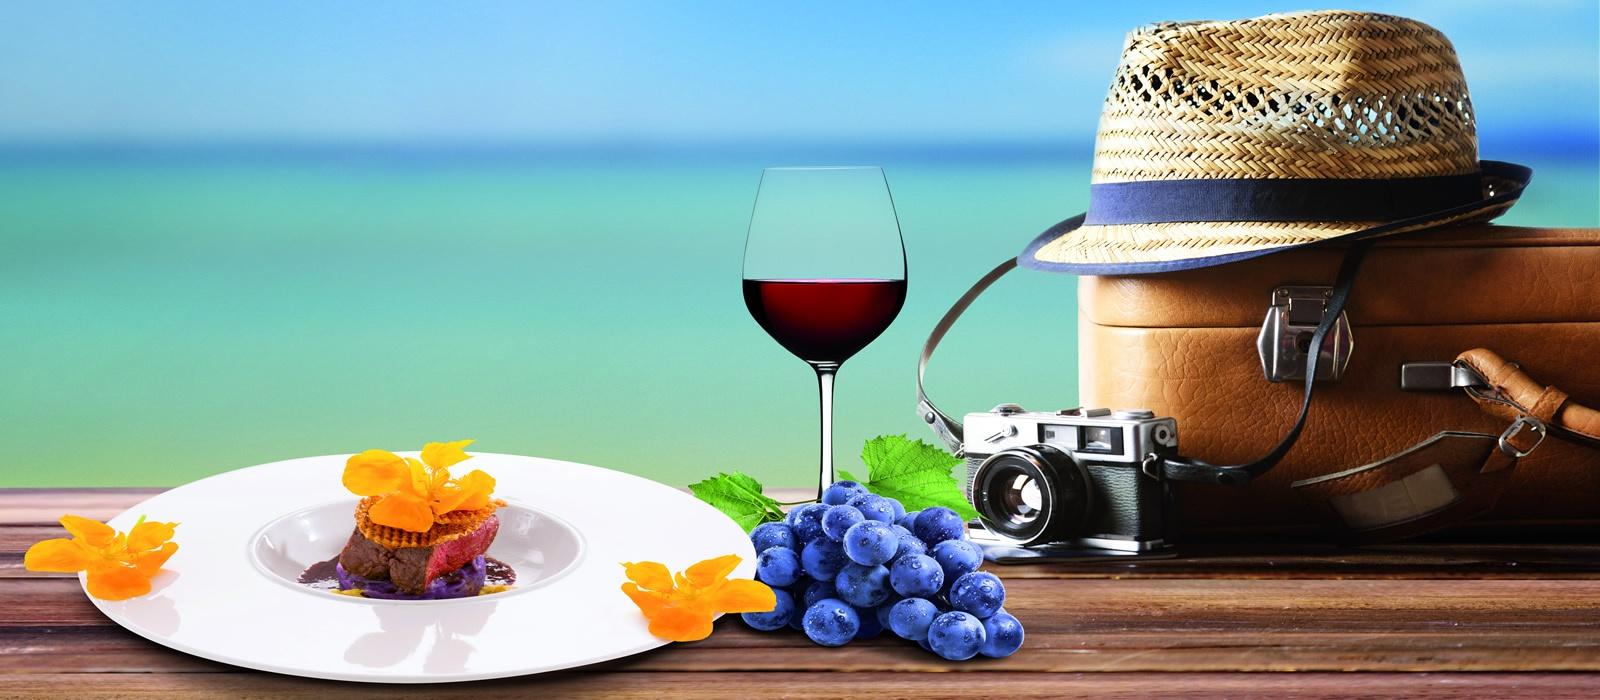 Tourisme, loisirs, et voyages, gastronomie, vins et saveurs